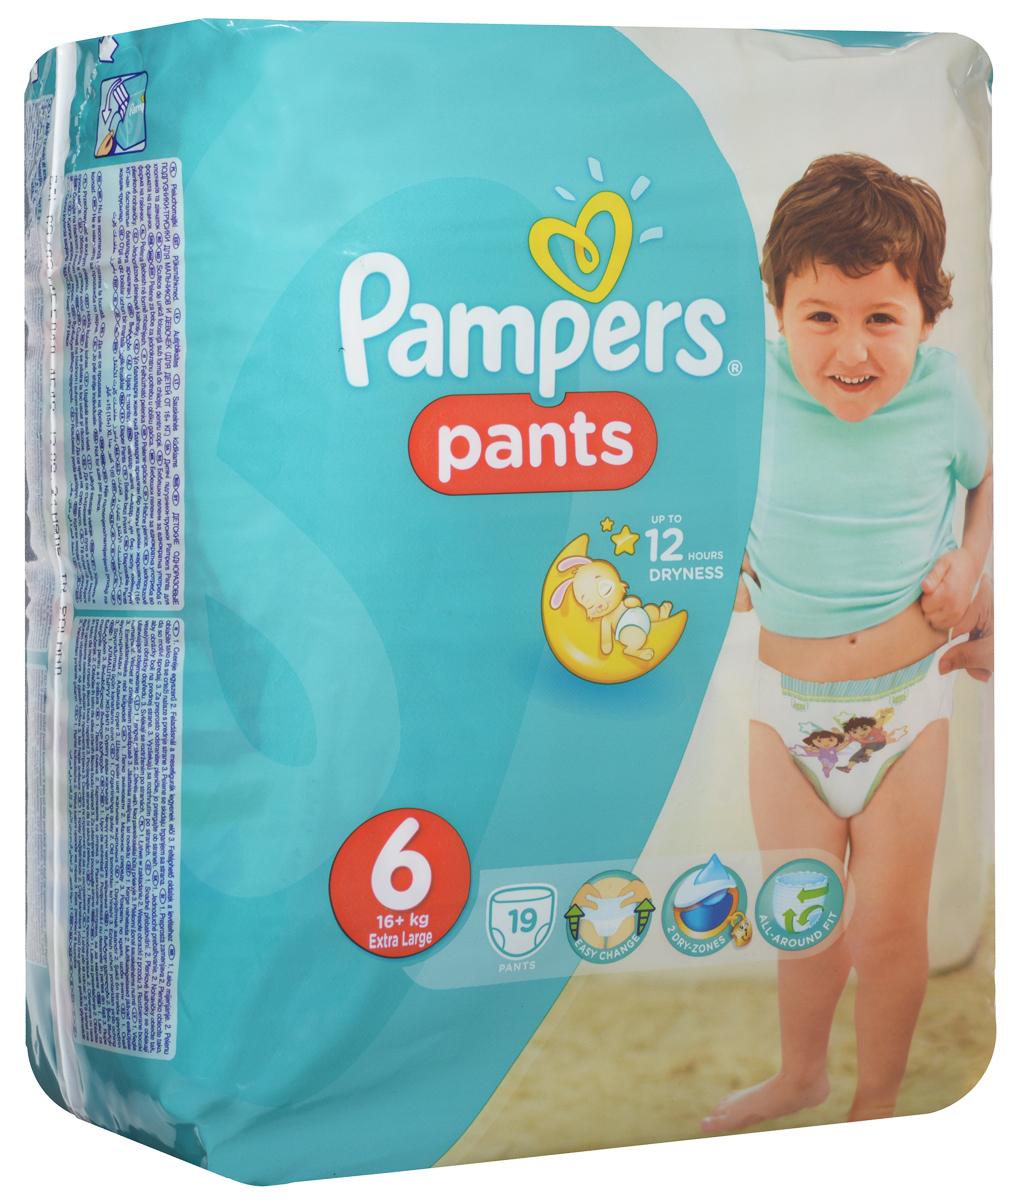 Pampers Pants Трусики от 16 кг (размер 6) 19 штPA-81479495Непревзойденно сухие трусики для мальчиков и девочек! Если малыш крепко спал всю ночь, значит, он проснется в хорошем настроении. Новые трусики Pampers Pants обеспечивают непревзойденную сухость для мальчиков и девочек. Только у трусиков Pampers - экстра впитывающий слой, который быстро впитывает и равномерно распределяет влагу. Благодаря уникальному слою, трусики Pampers обеспечивают непревзойденную сухость на всю ночь. До 12 часов сухости для мальчиков и девочек в удобной форме трусиков. Двойной впитывающий слой - быстро впитывает и запирает влагу, предотвращая ее контакт с нежной кожей малыша. Идеально сидят - тянущийся поясок и манжеты для ножек принимают форму тела малыша для его комфорта в любом положении. Дышащие материалы - микропоры способствуют циркуляции воздуха, помогая коже вашего малыша дышать. Изготовлены из нежных материалов. Легко менять: благодаря тянущемуся со всех сторон пояску, трусики Pampers легко снимать и одевать,...